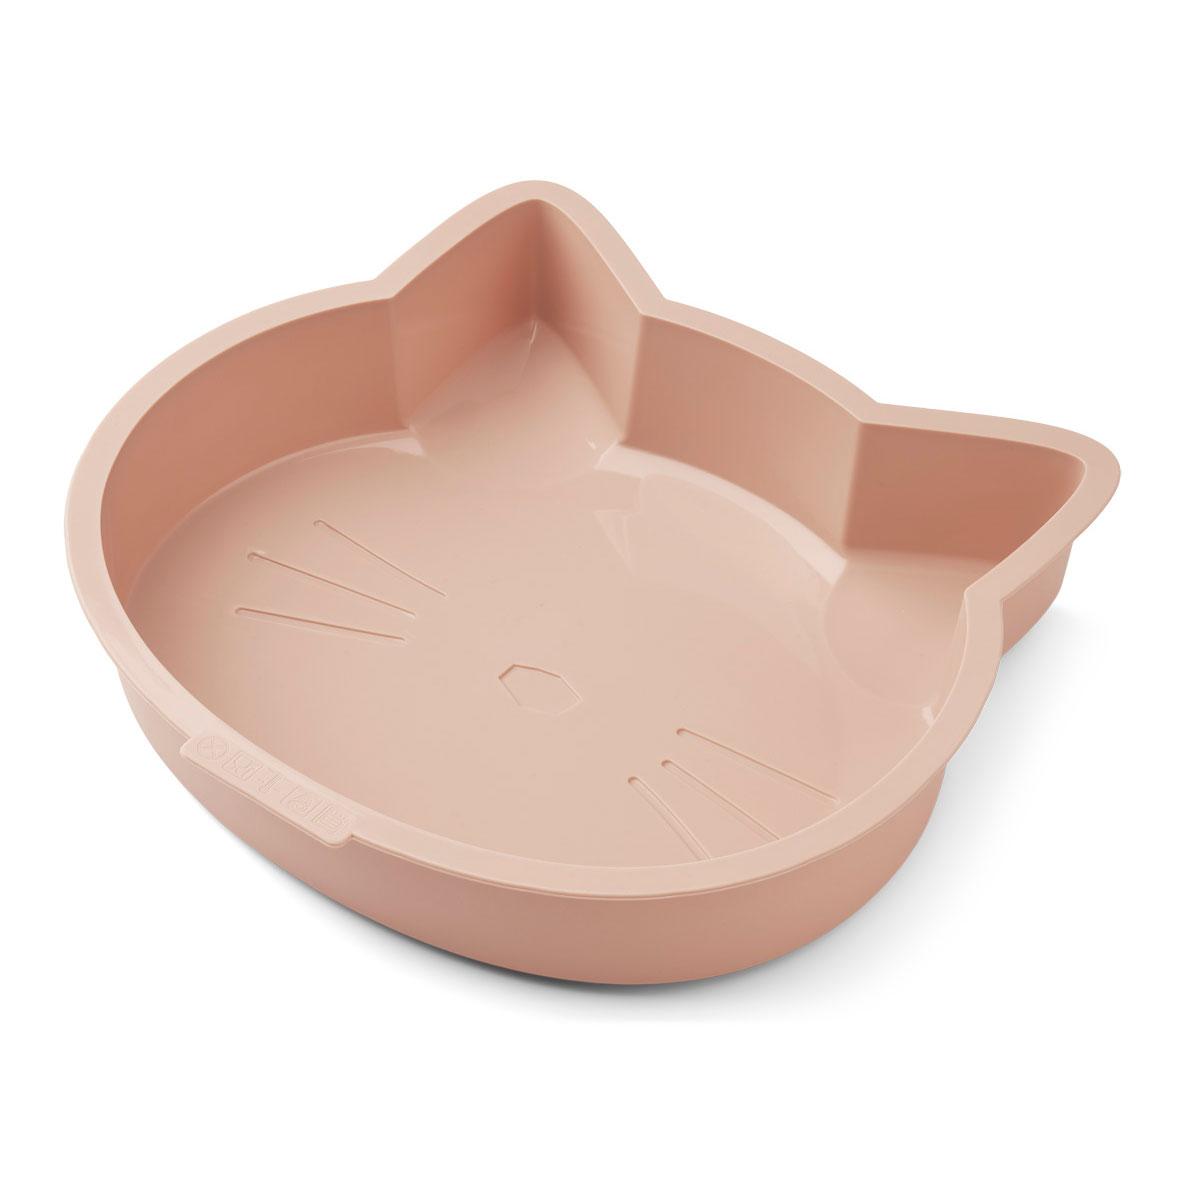 LIEWOOD amory cake pan